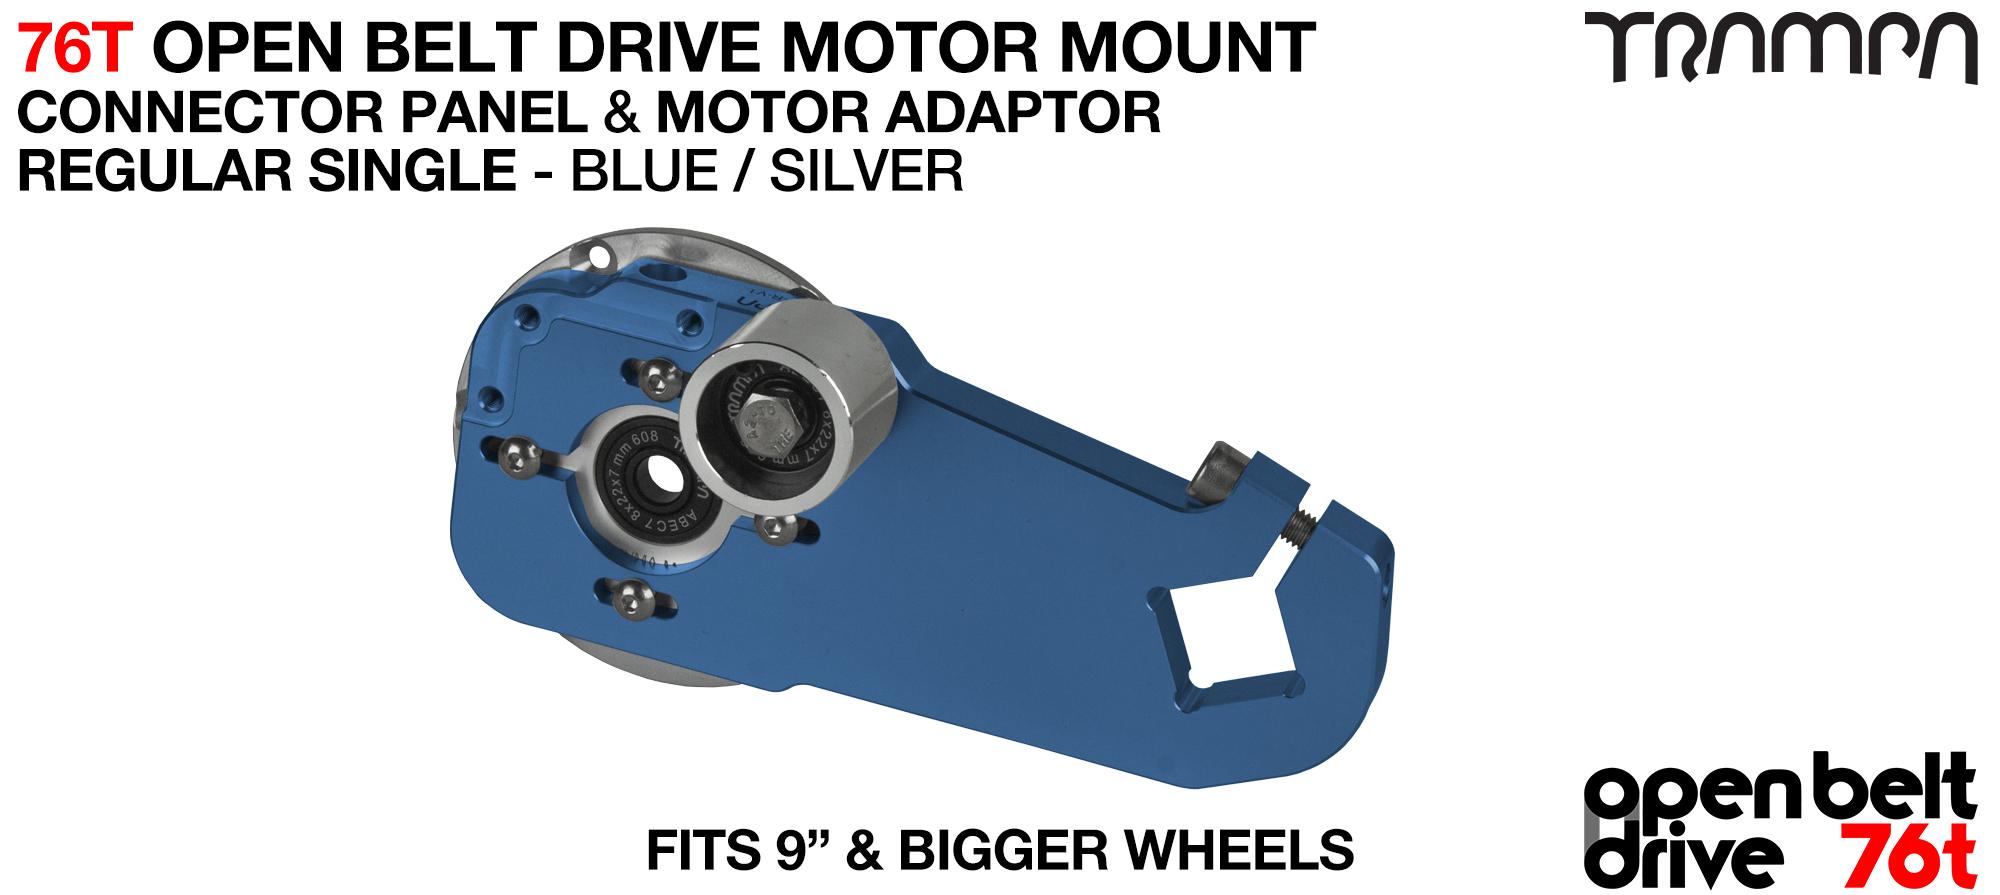 76T Open Belt Drive Motor Mount & Motor Adaptor - SINGLE BLUE